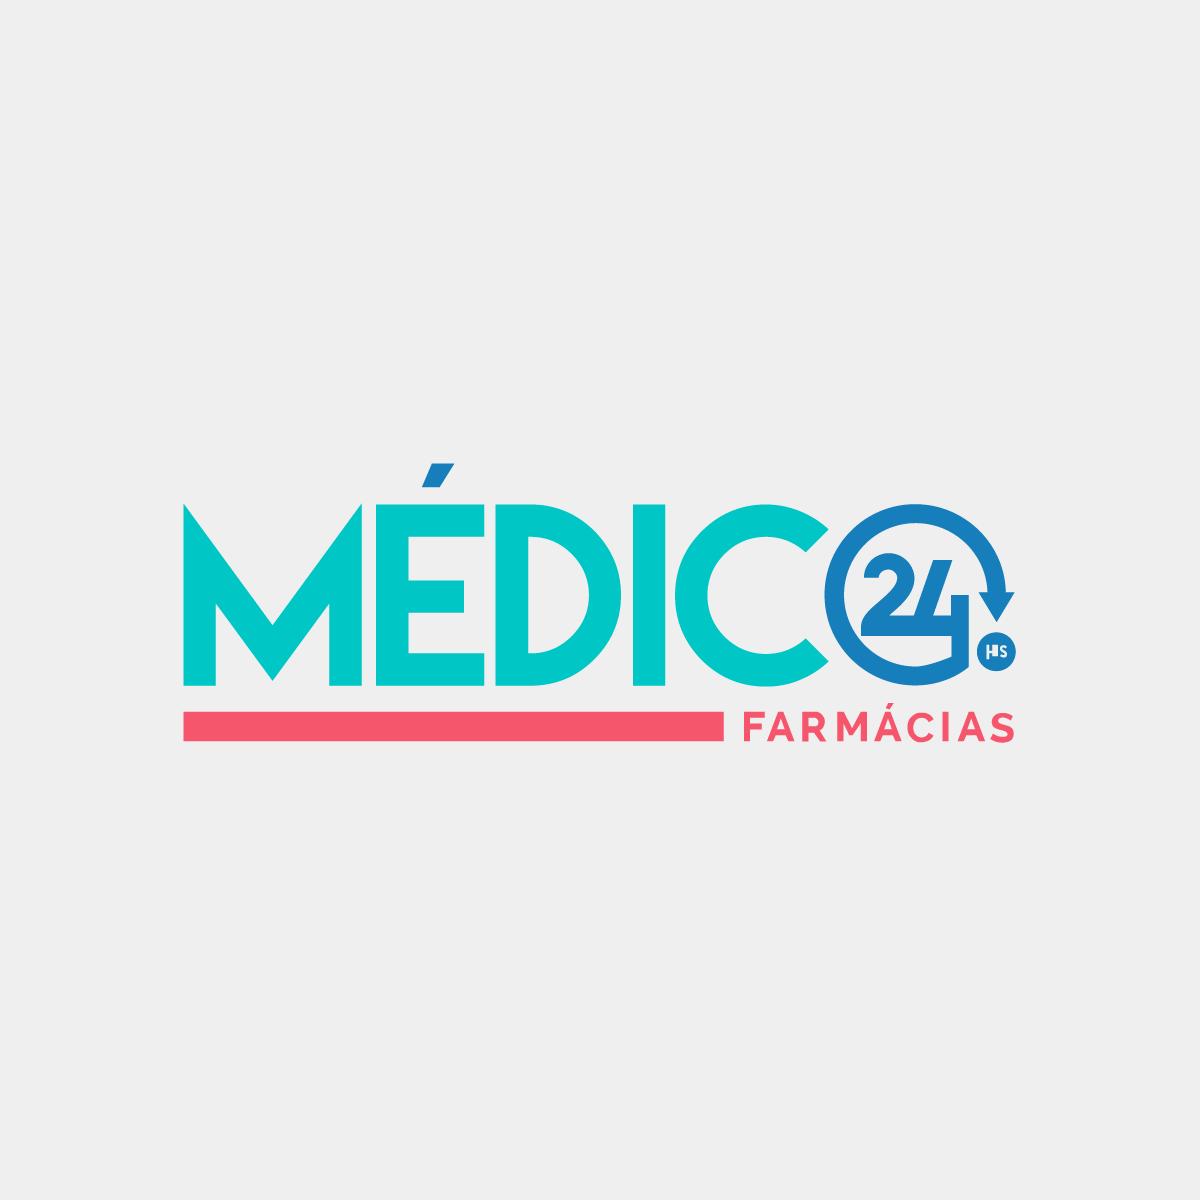 https://brasiltelemedicina.com.br/wp-content/uploads/2016/07/Produtos_Medico24hs_Farmácias-1200x1200.png